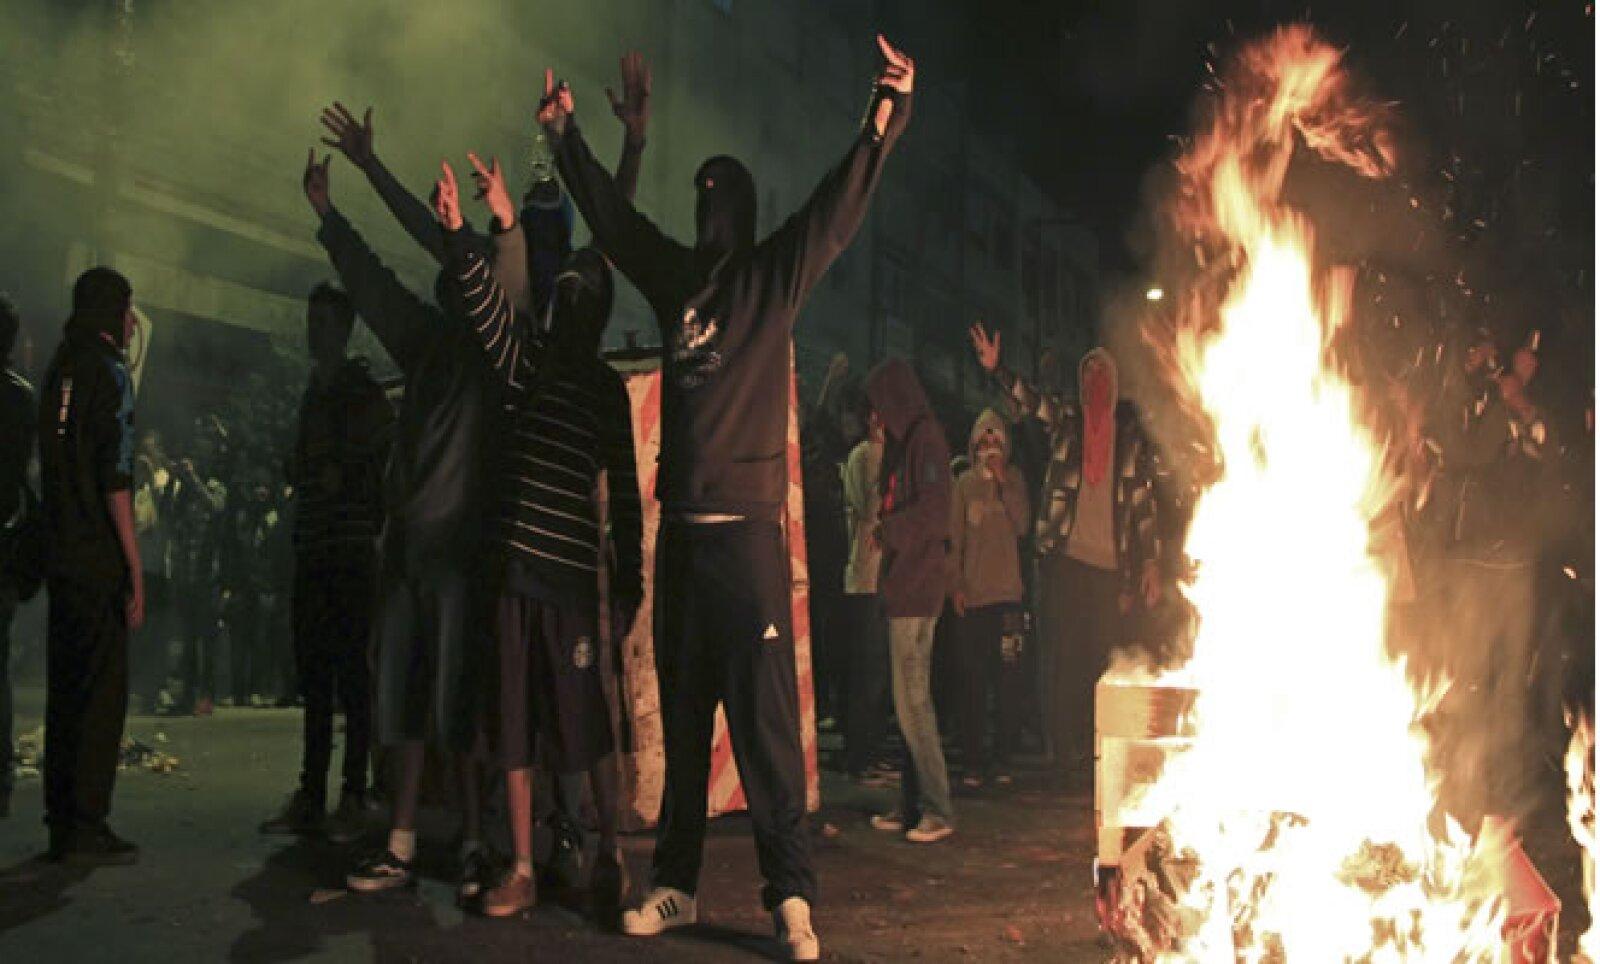 """En las mayores protestas en Brasil desde hace dos décadas, el vandalismo y los saqueos han estado presentes. """"Es difícil adelantarse al movimiento porque no hay una imagen clara de quiénes son o qué exactamente es lo que harán"""", dijo un politólogo de la U"""